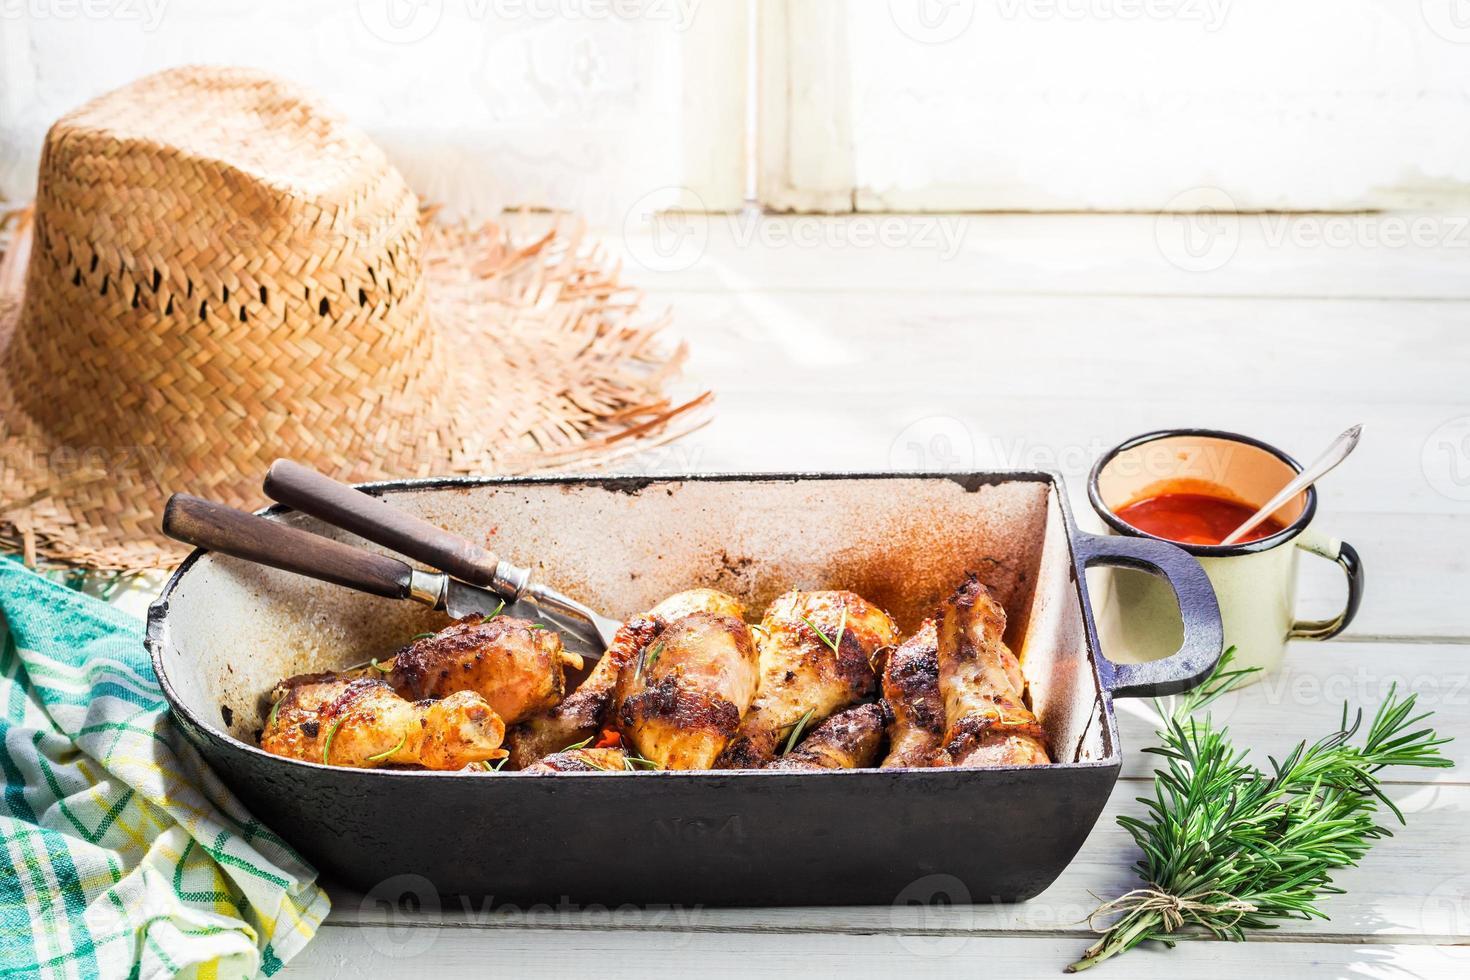 pernas de frango quente com ervas e molho na cozinha de verão foto